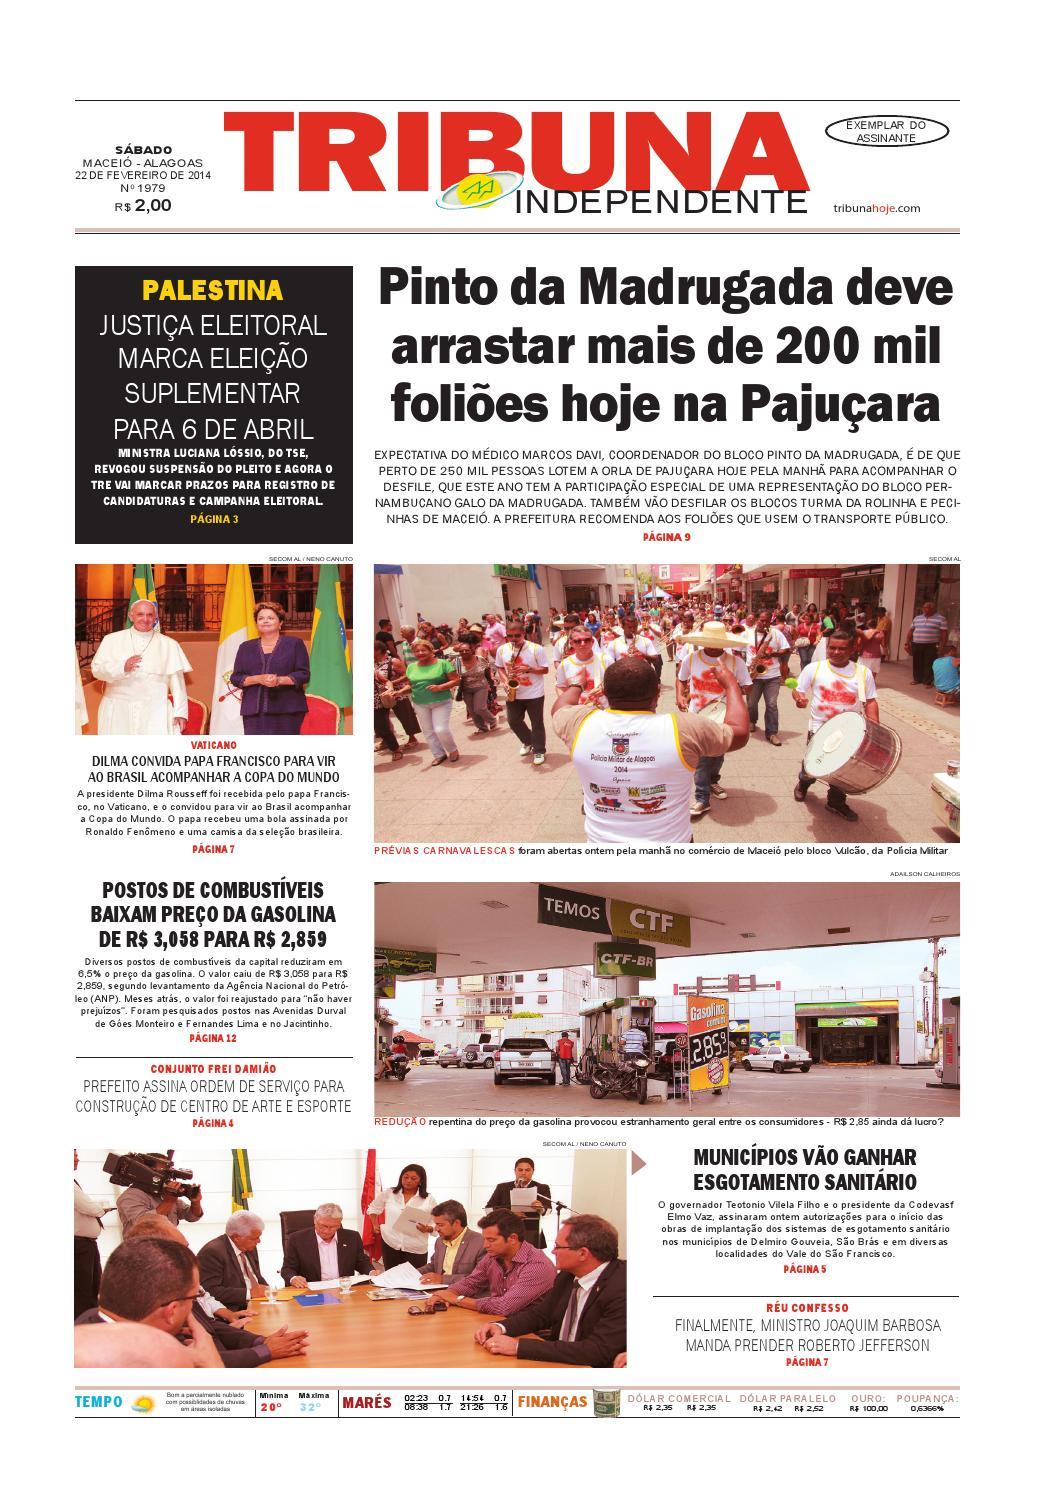 4a70cad30b91e Edição número 1979 - 22 de fevereiro de 2014 by Tribuna Hoje - issuu